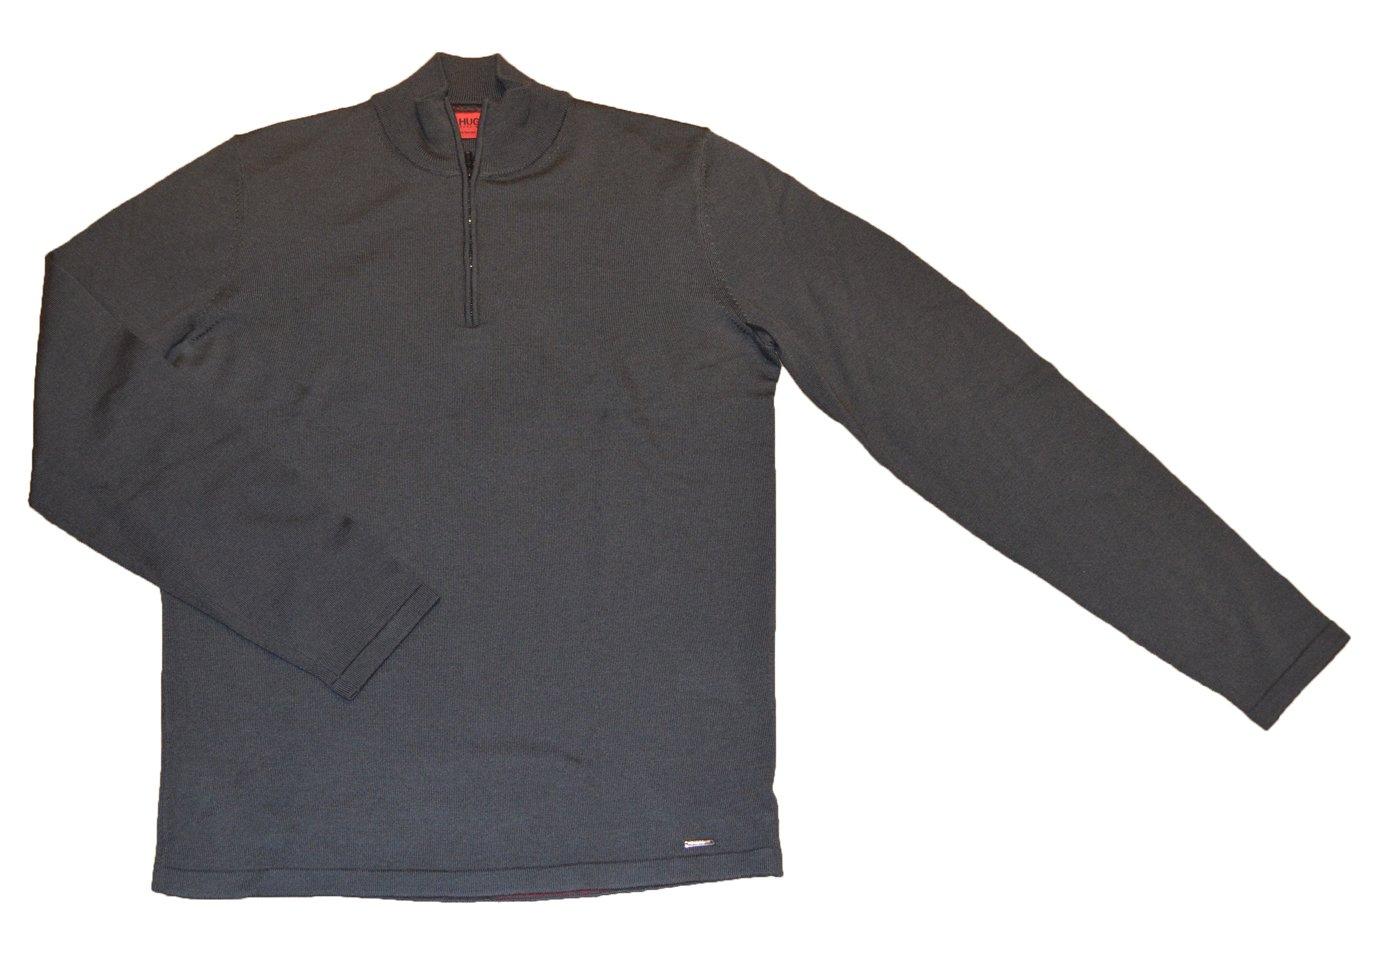 Hugo Boss San Gottardo 1 Extra Fine Merino Wool Half Zip Knitwear (Green (Dark Green 306), Medium)